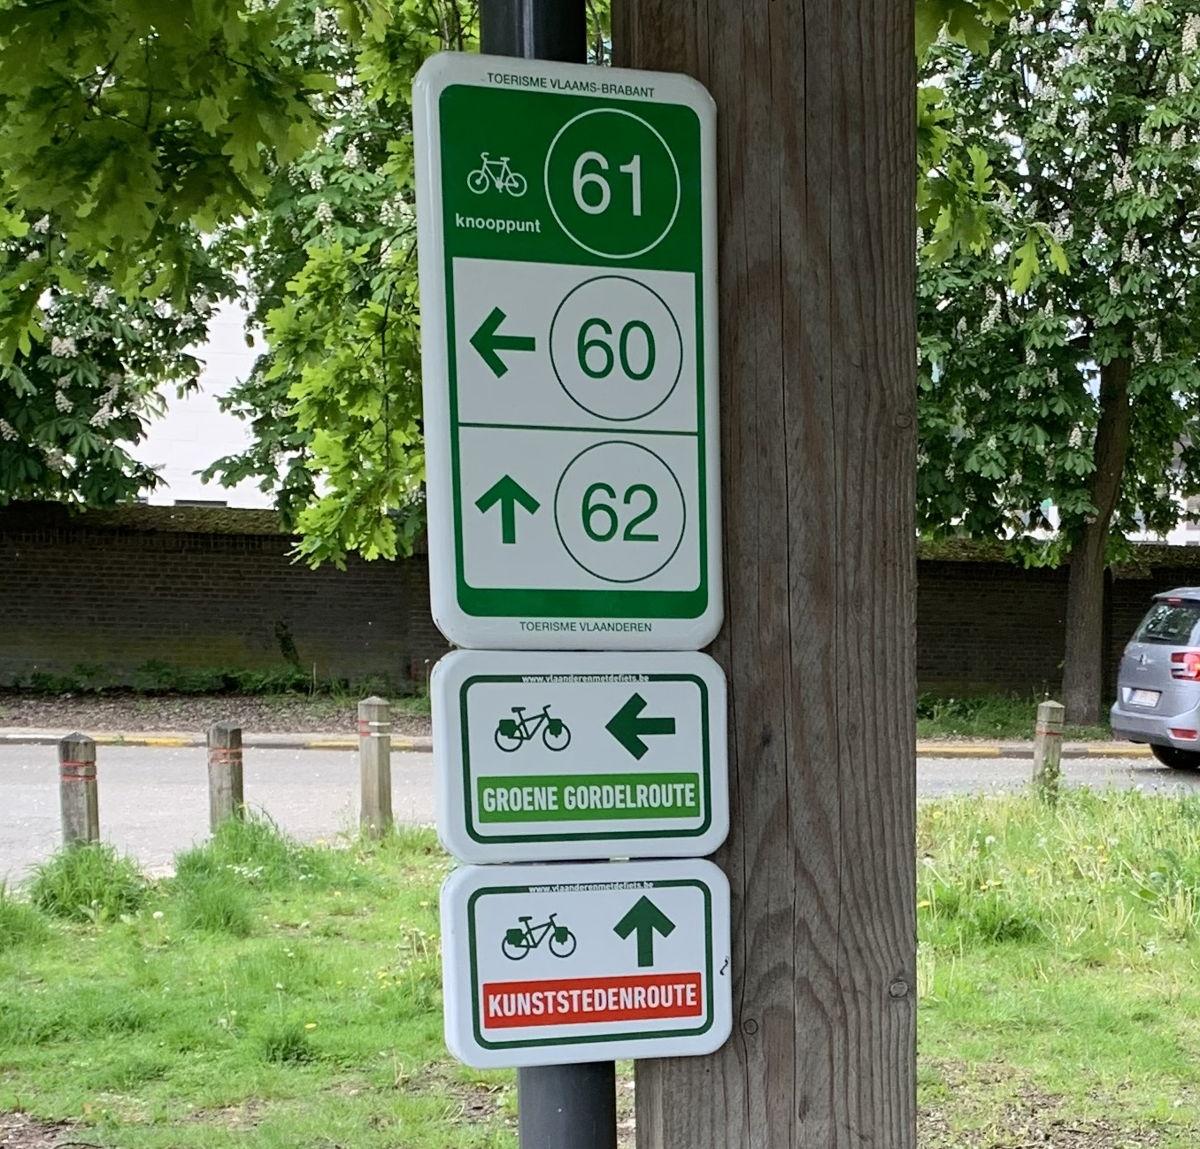 De nieuwe fietsborden van de Groene Gordelroute en Kunststedenroute zijn geplaatst